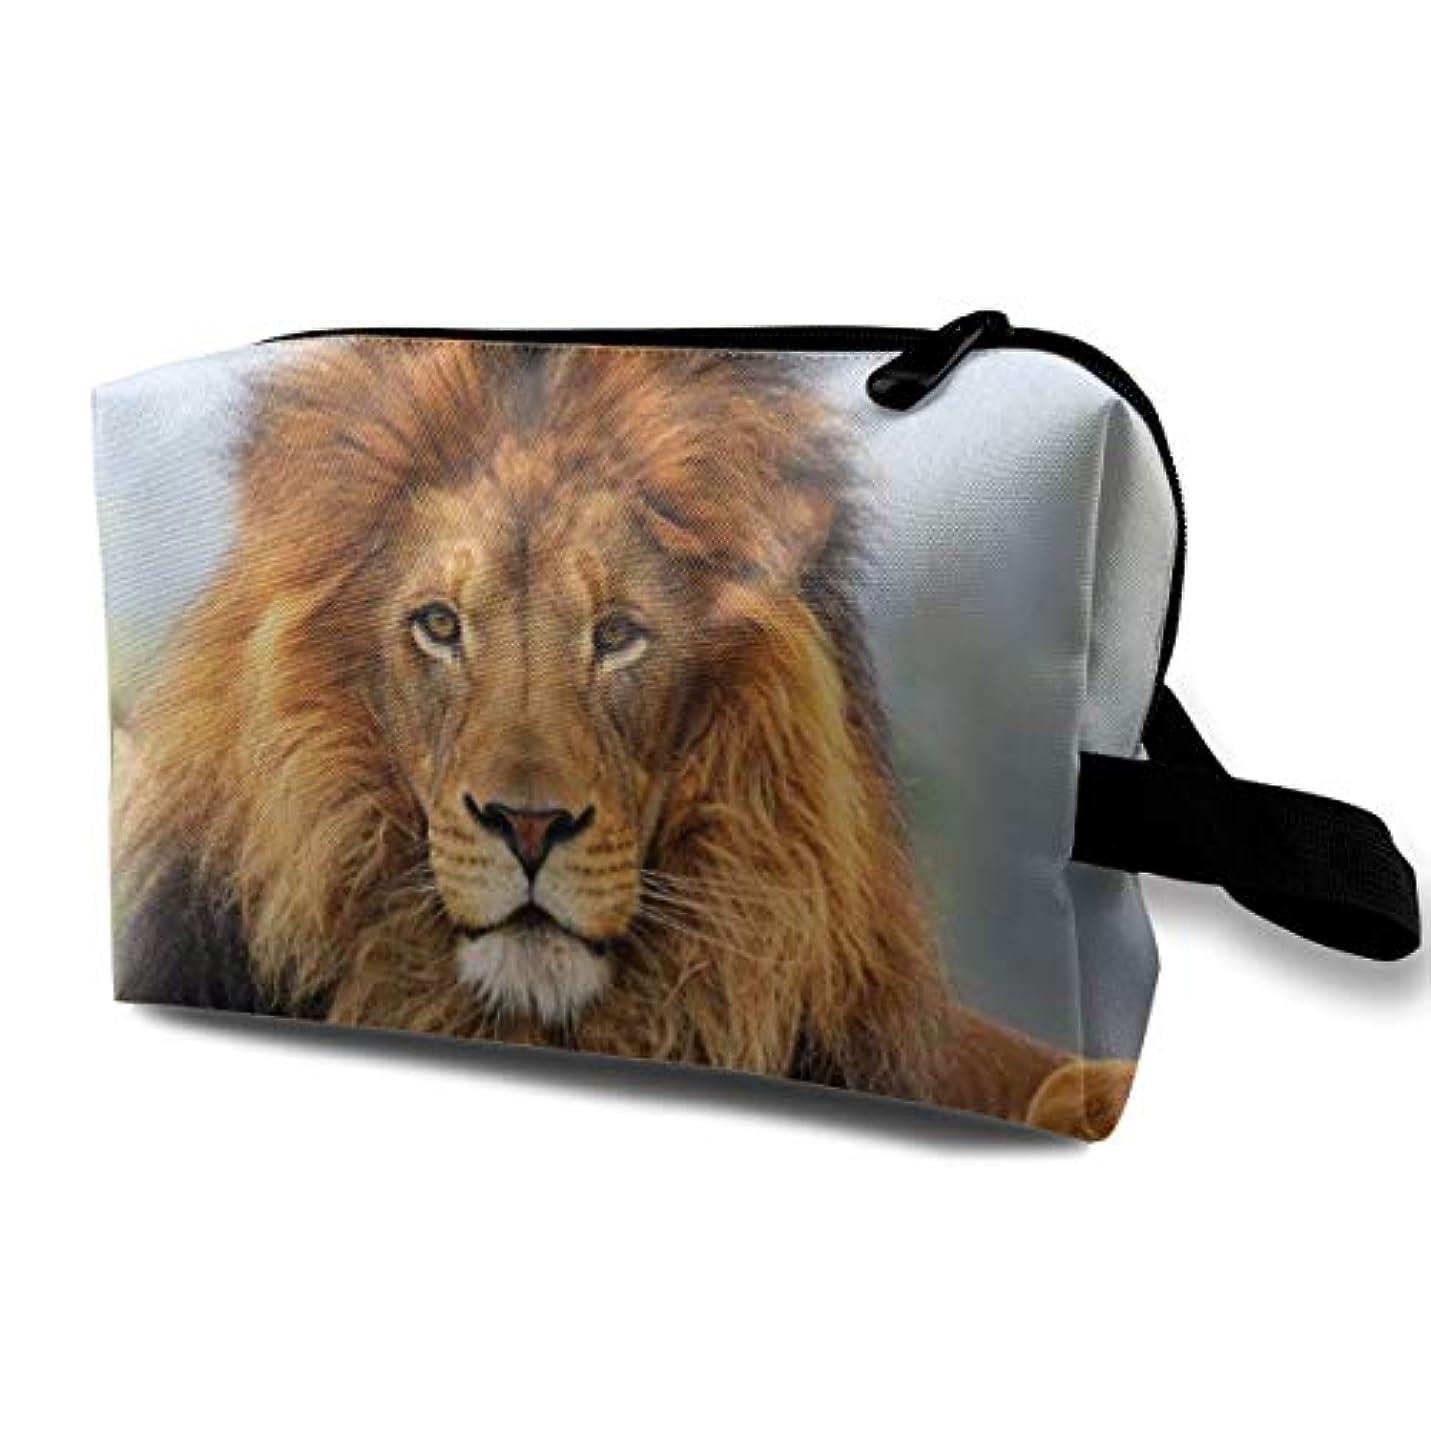 マーカーの配列複雑でないAuthentical Lion Head Wild Animl 収納ポーチ 化粧ポーチ 大容量 軽量 耐久性 ハンドル付持ち運び便利。入れ 自宅?出張?旅行?アウトドア撮影などに対応。メンズ レディース トラベルグッズ